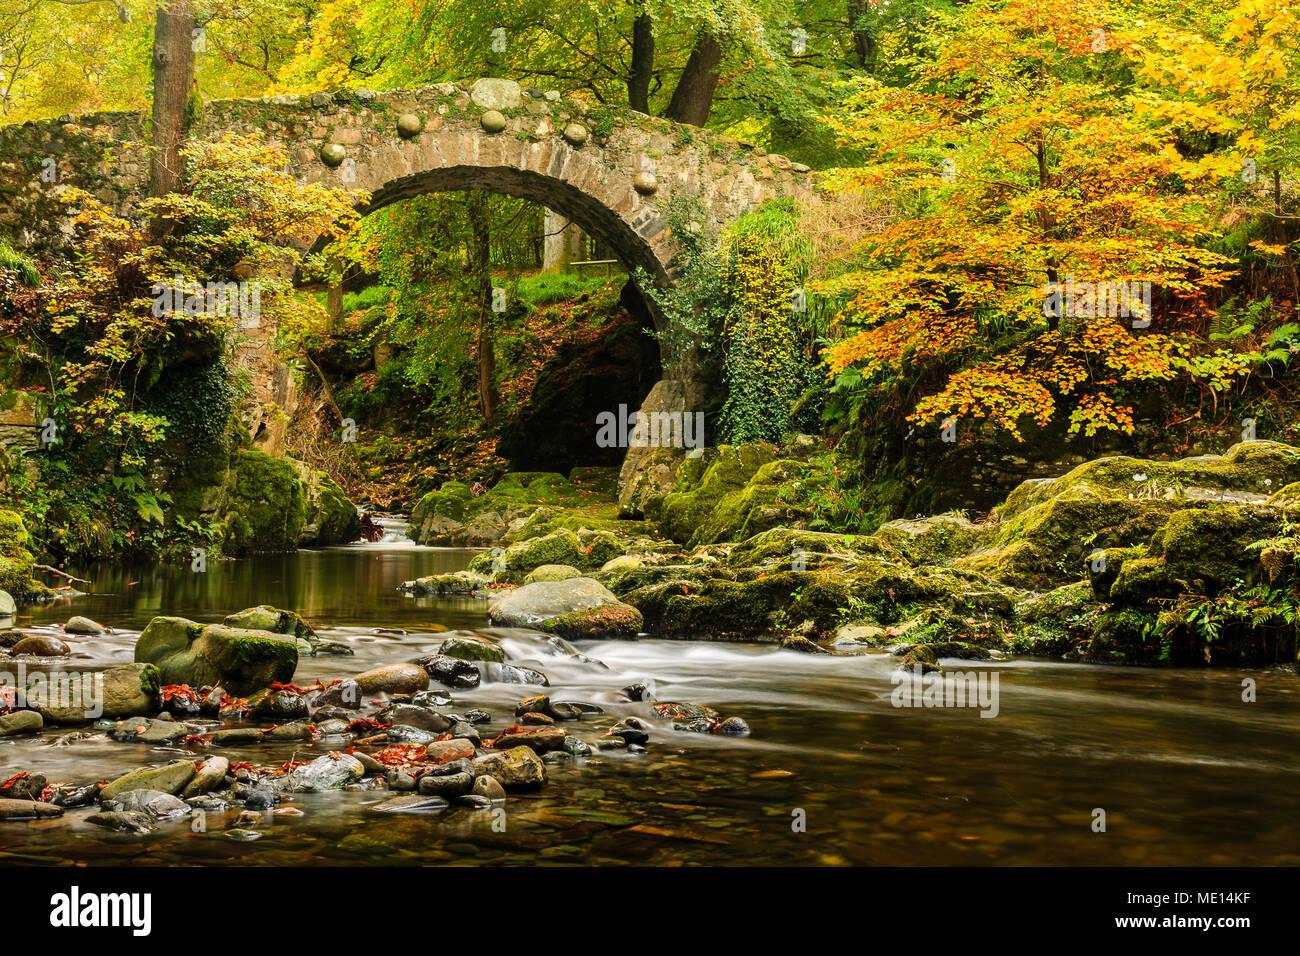 Un disparo otoñal de Foley's puente sobre el río Shimna en Tollymore Park en el Condado de Down, Irlanda. Foto de stock